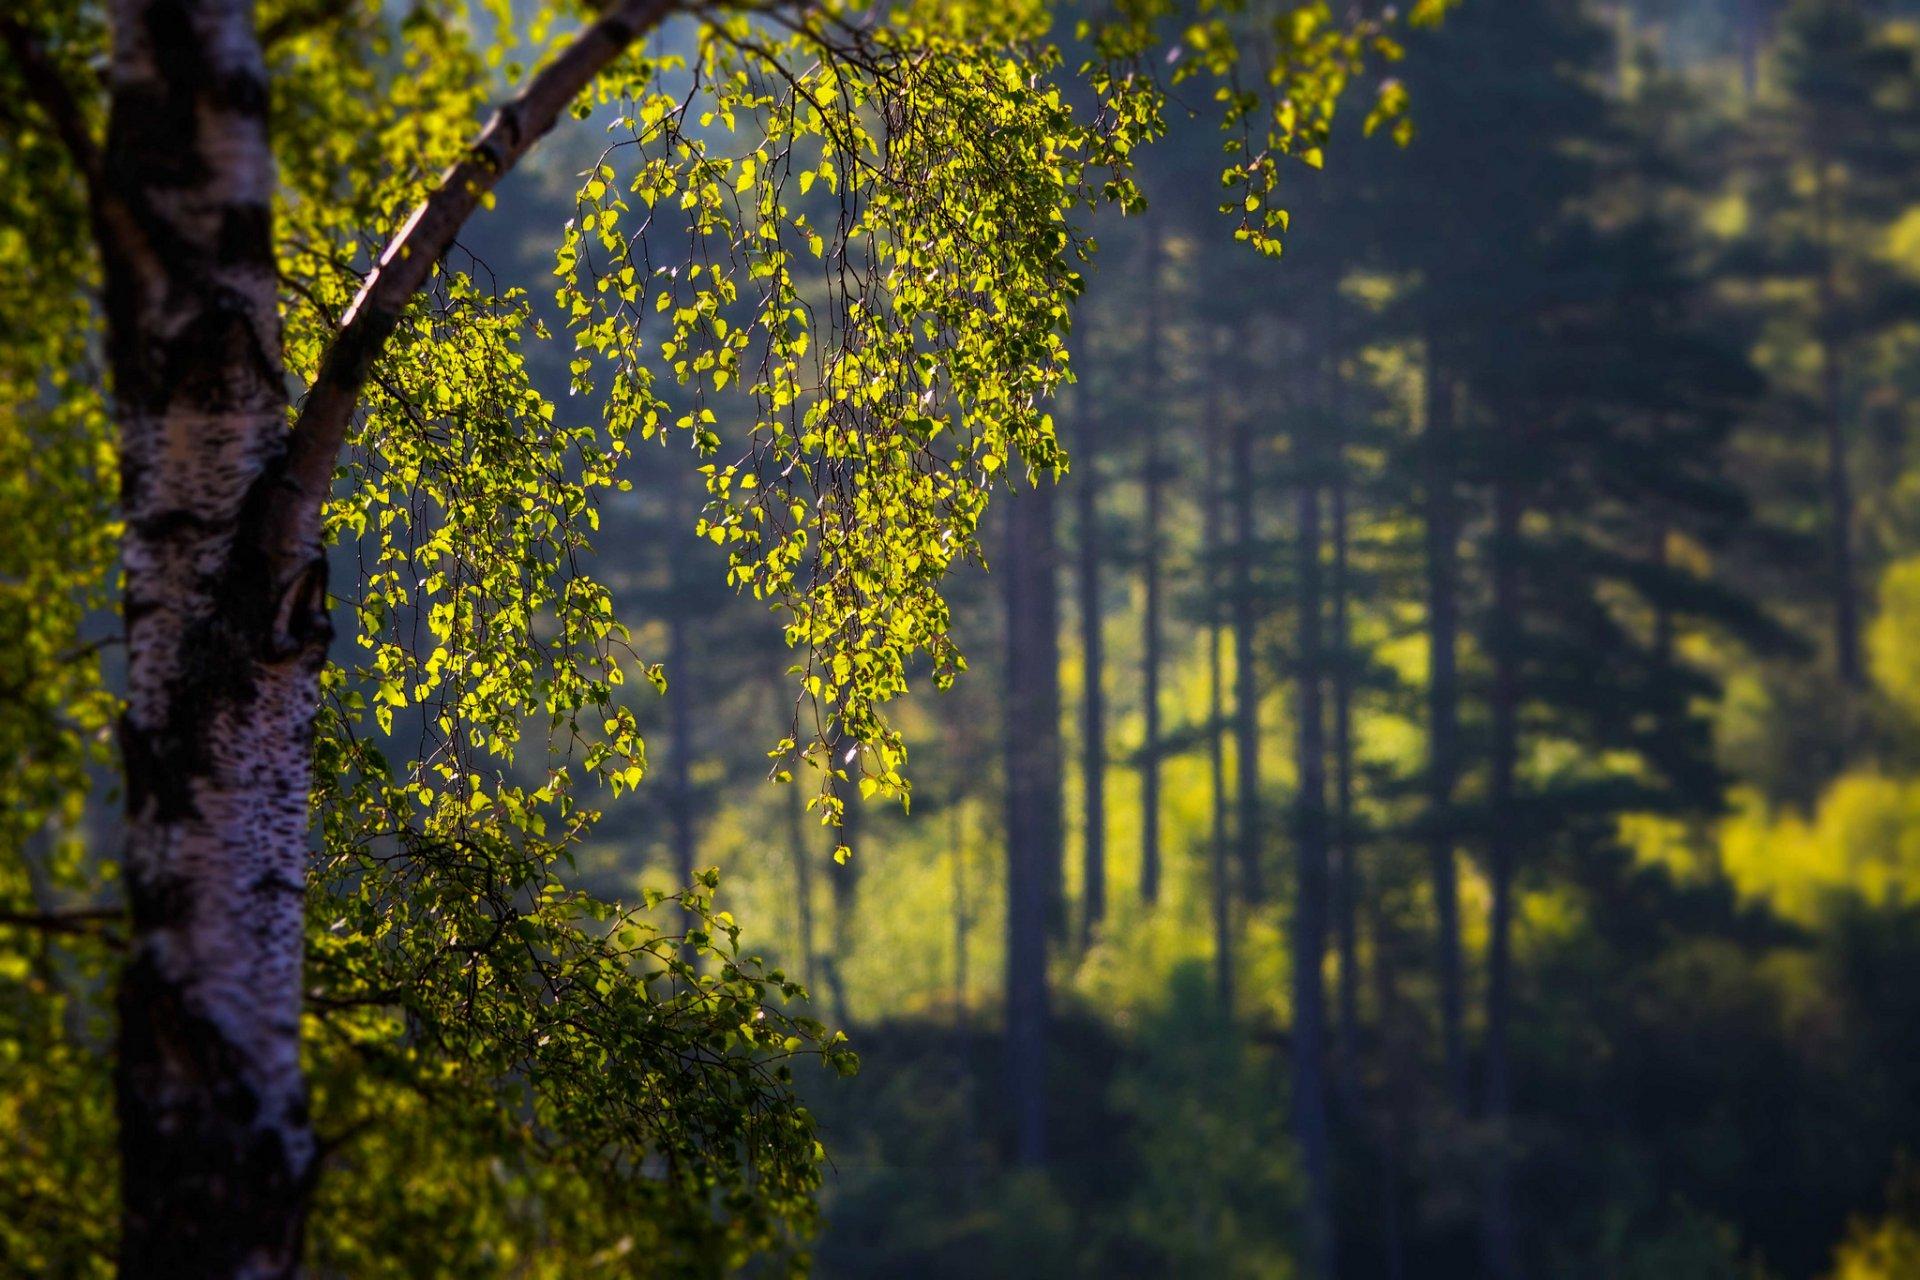 деревья природа ветка trees nature branch  № 439566 бесплатно